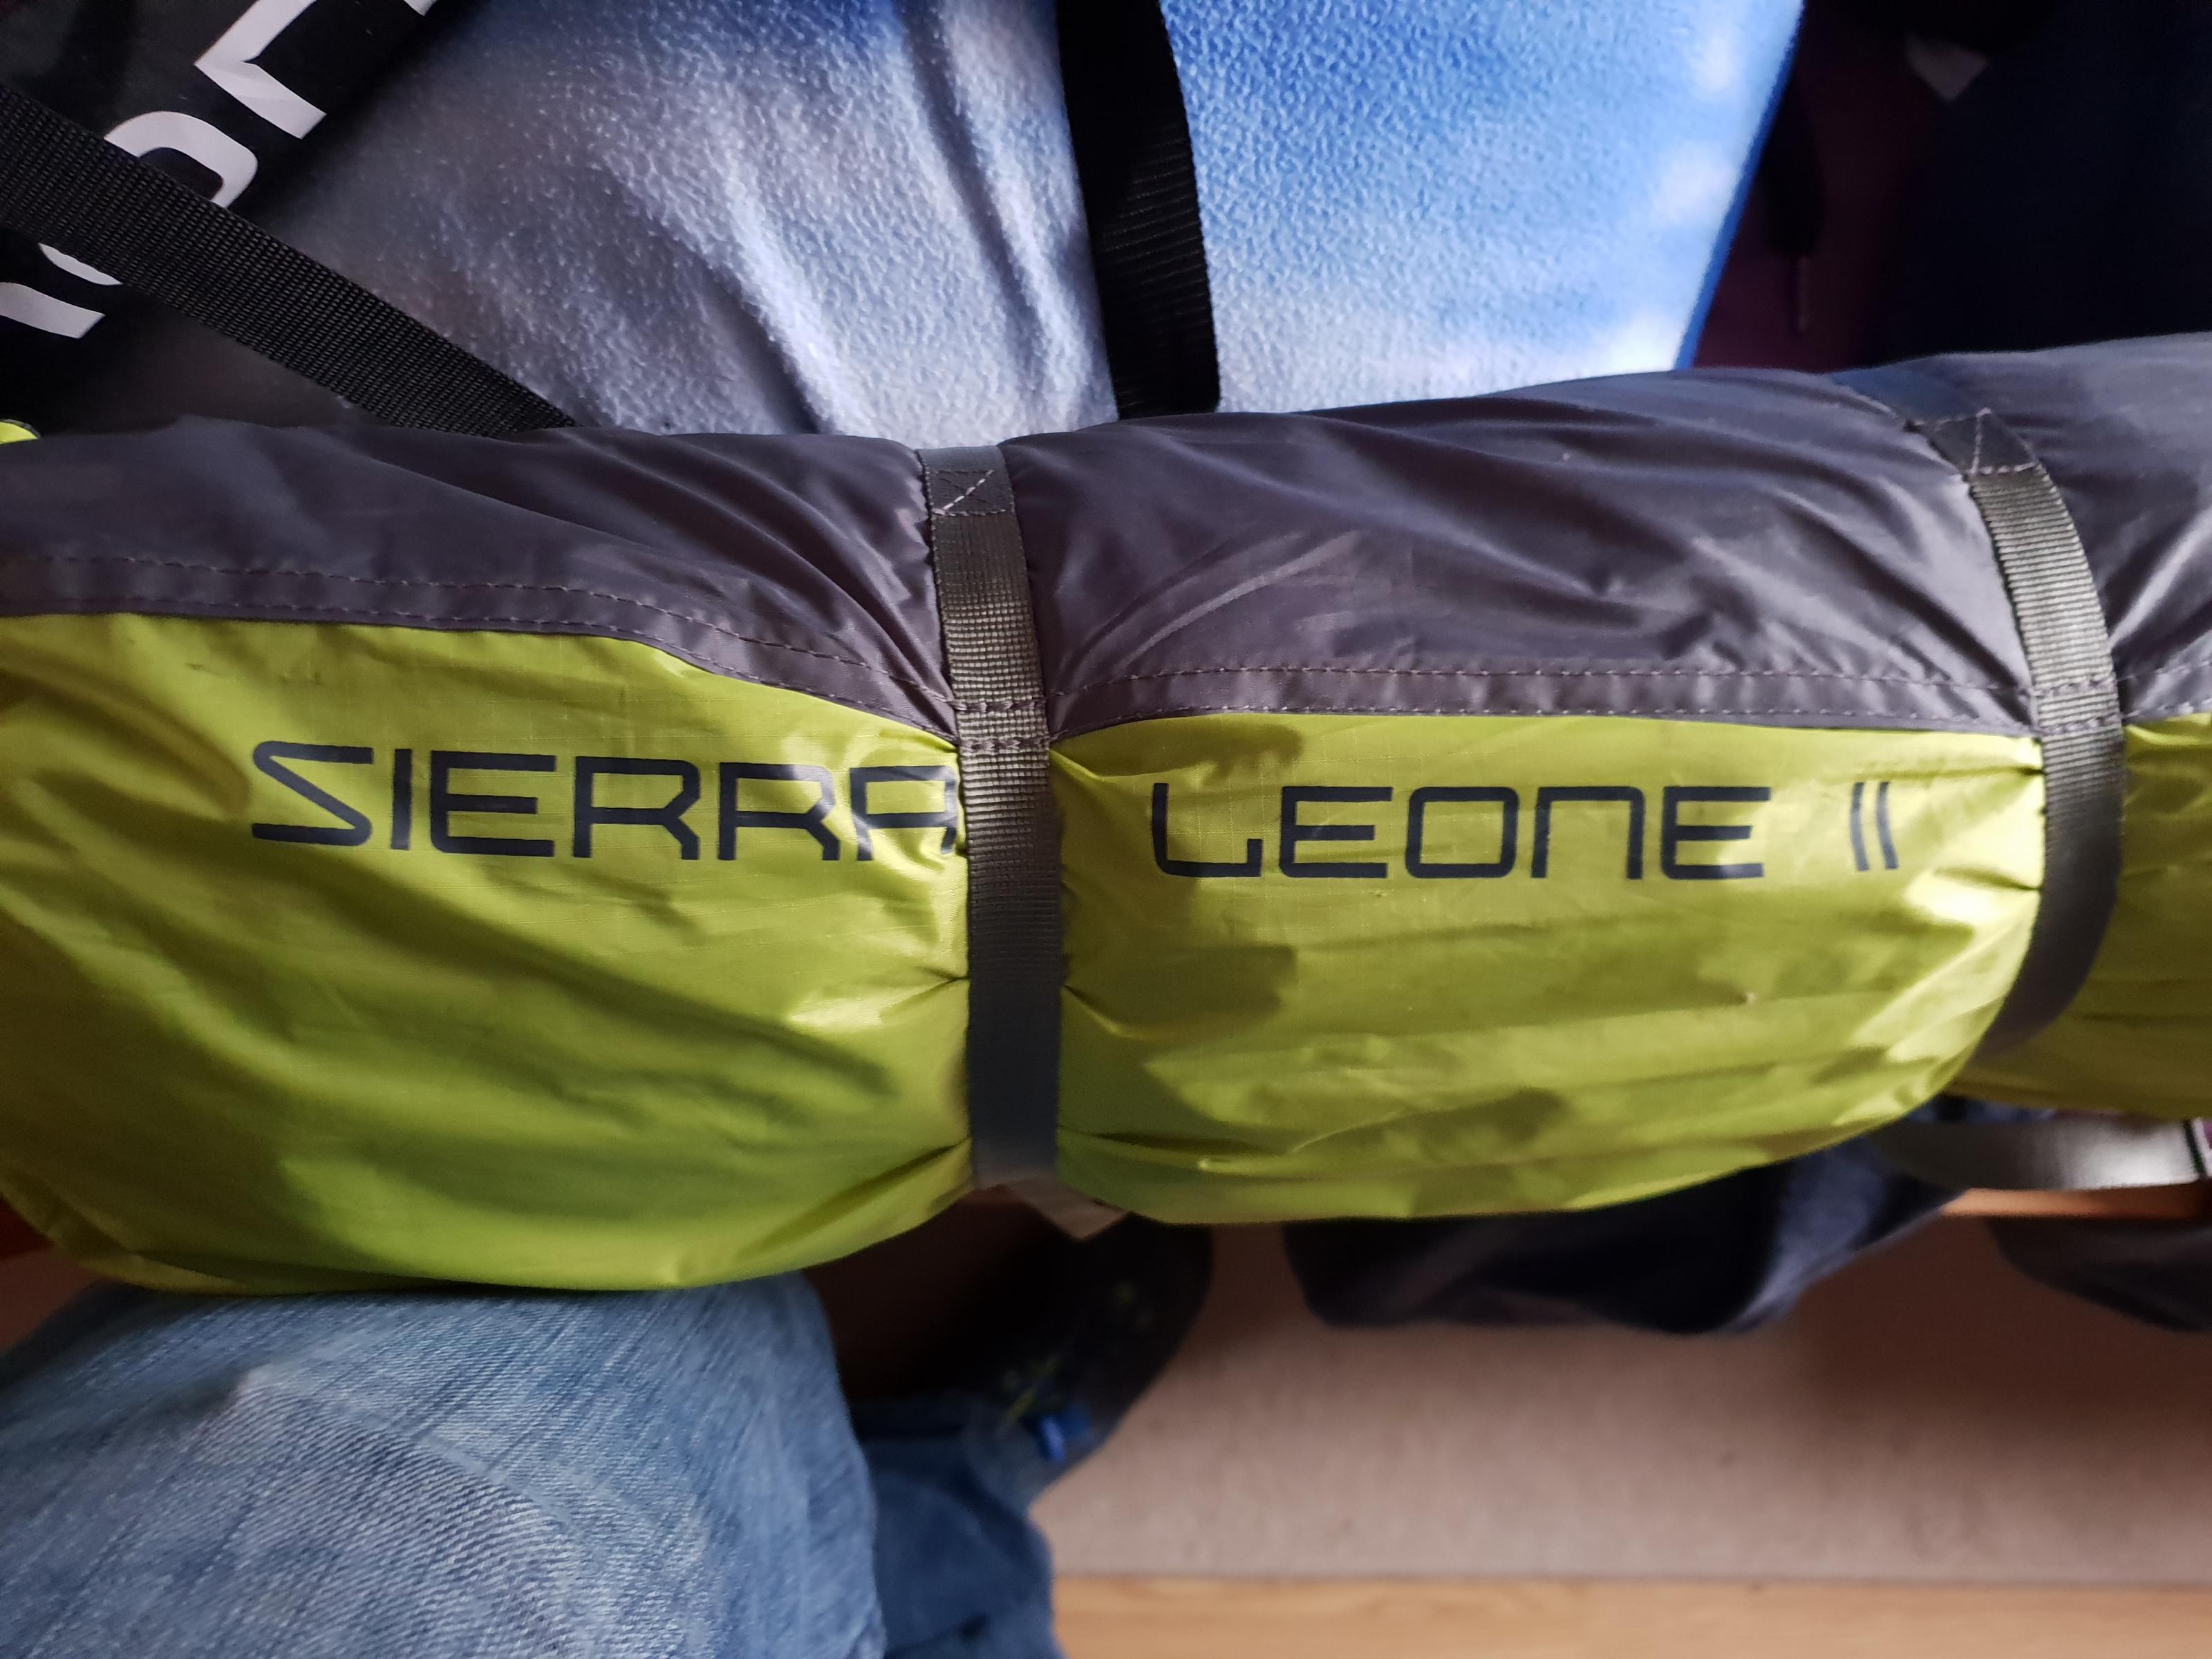 salewa-sierra-leone-2-bild_1.jpg